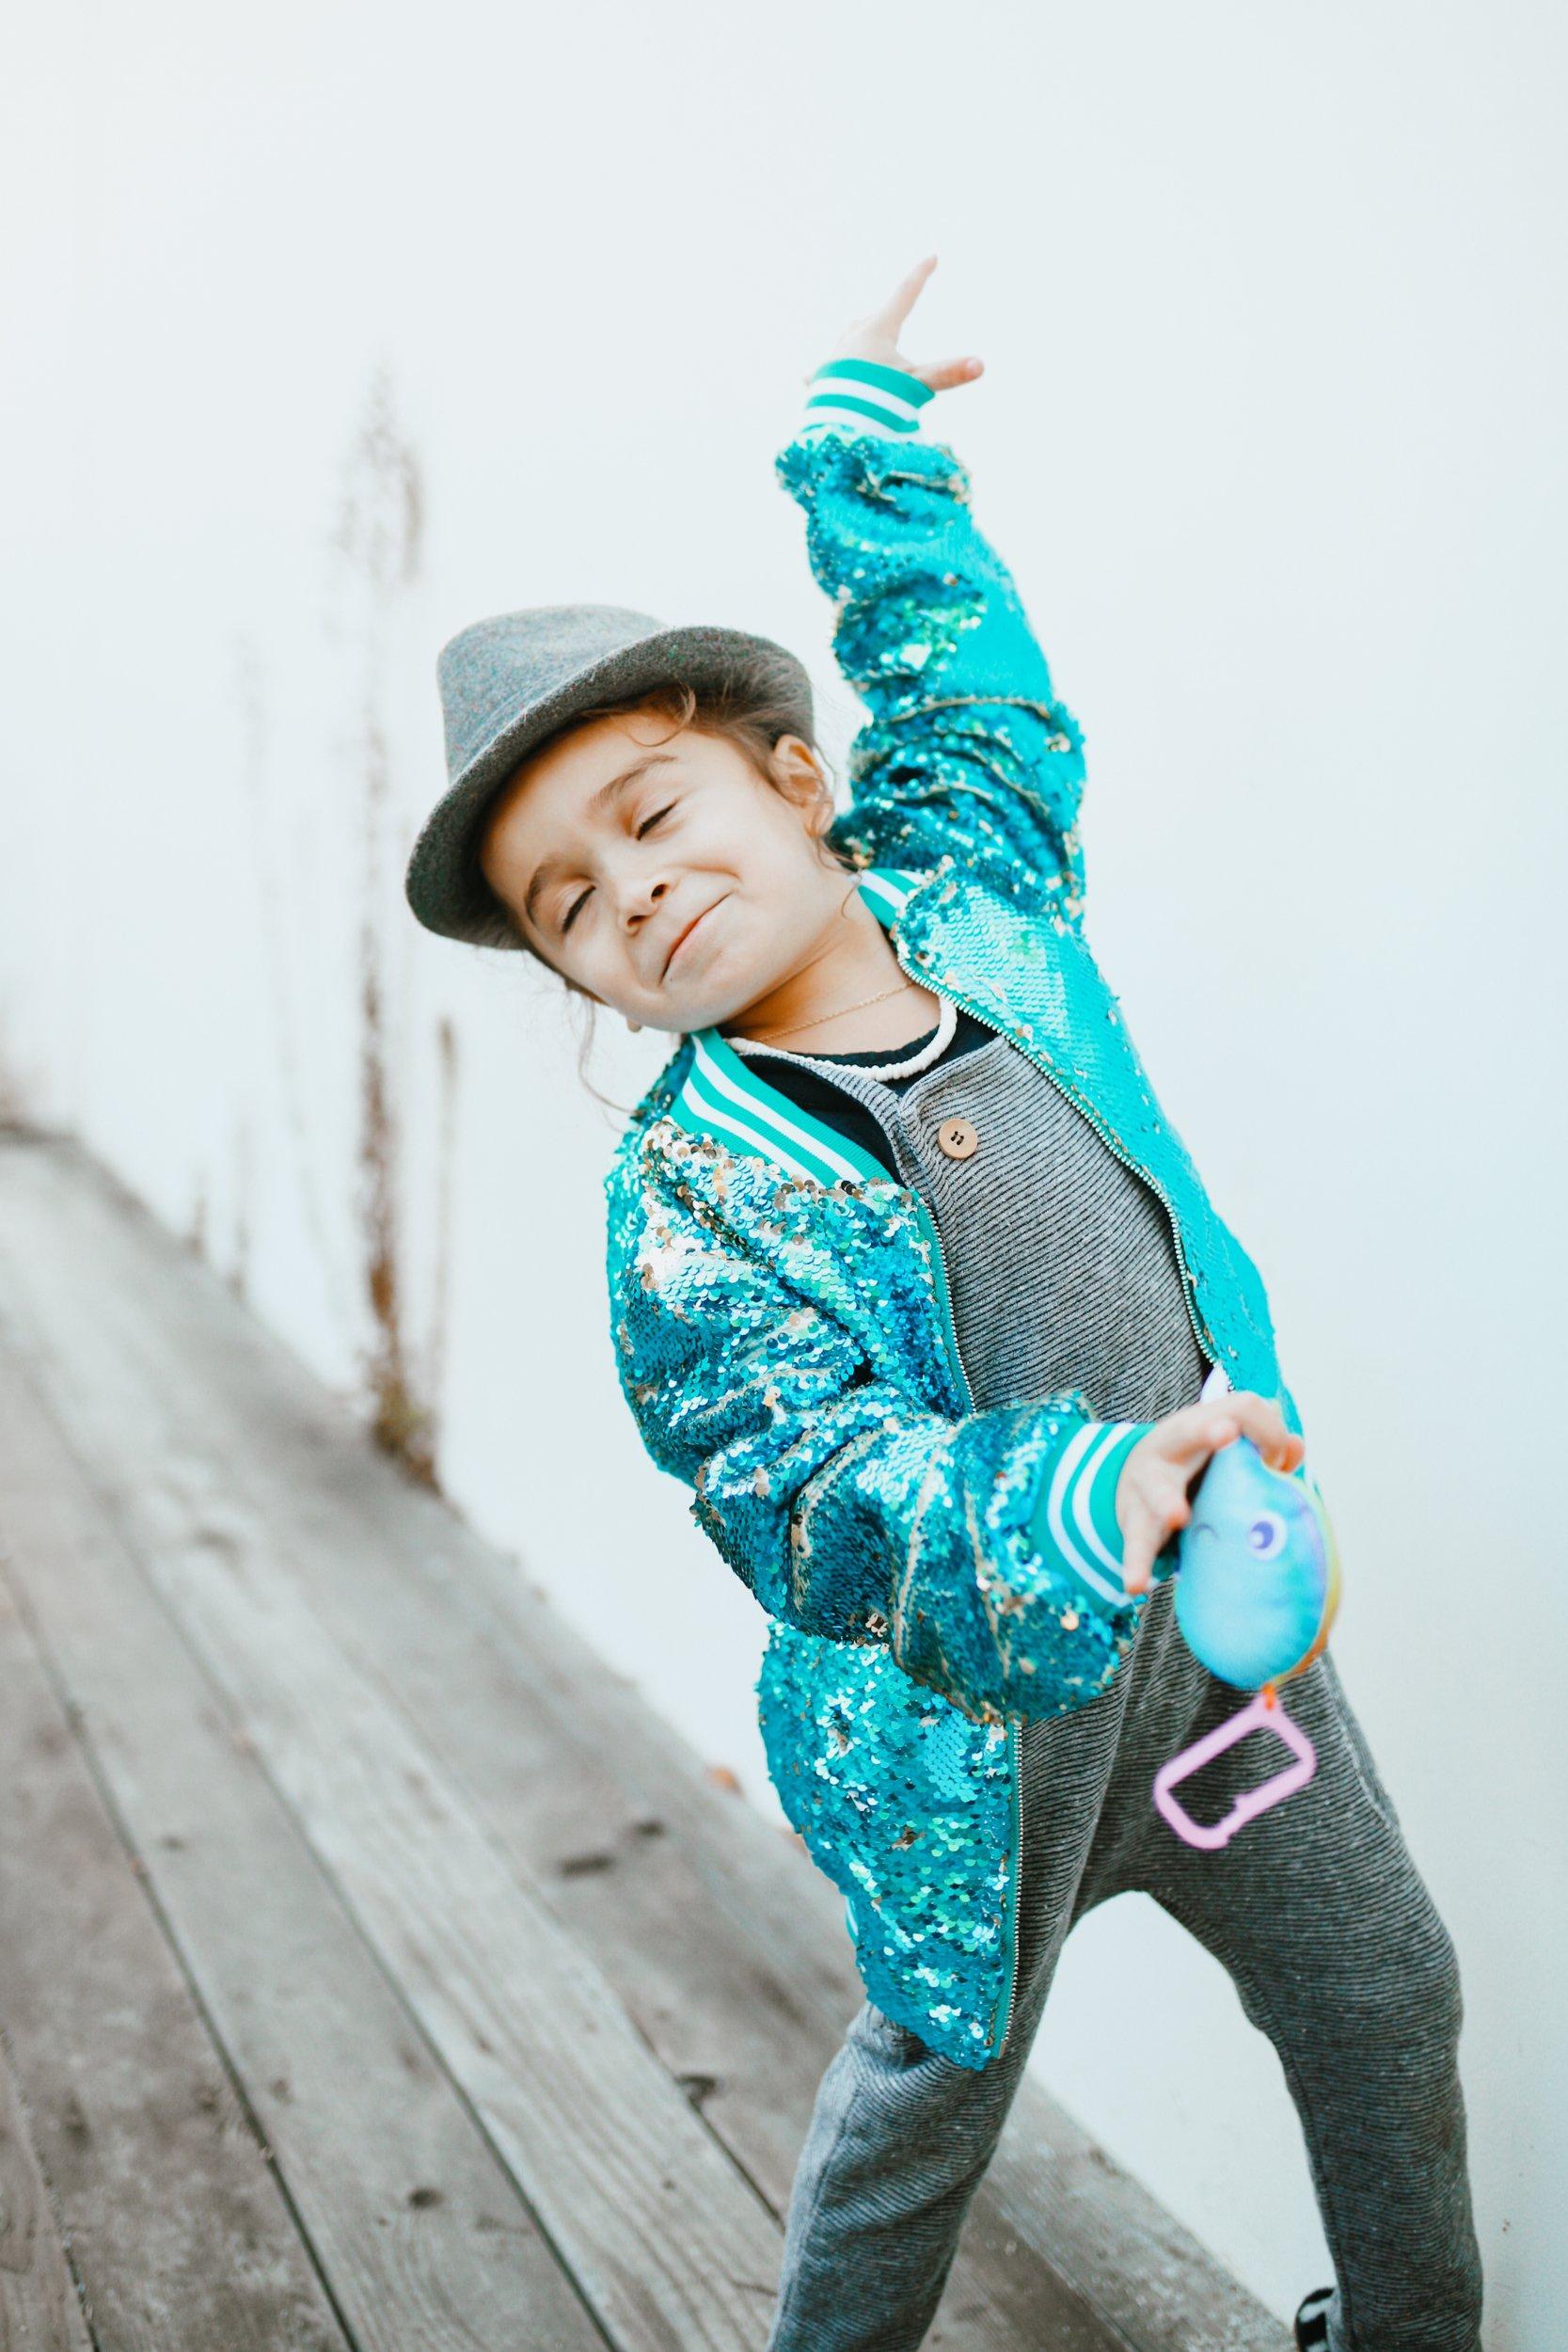 stylish boy dancing